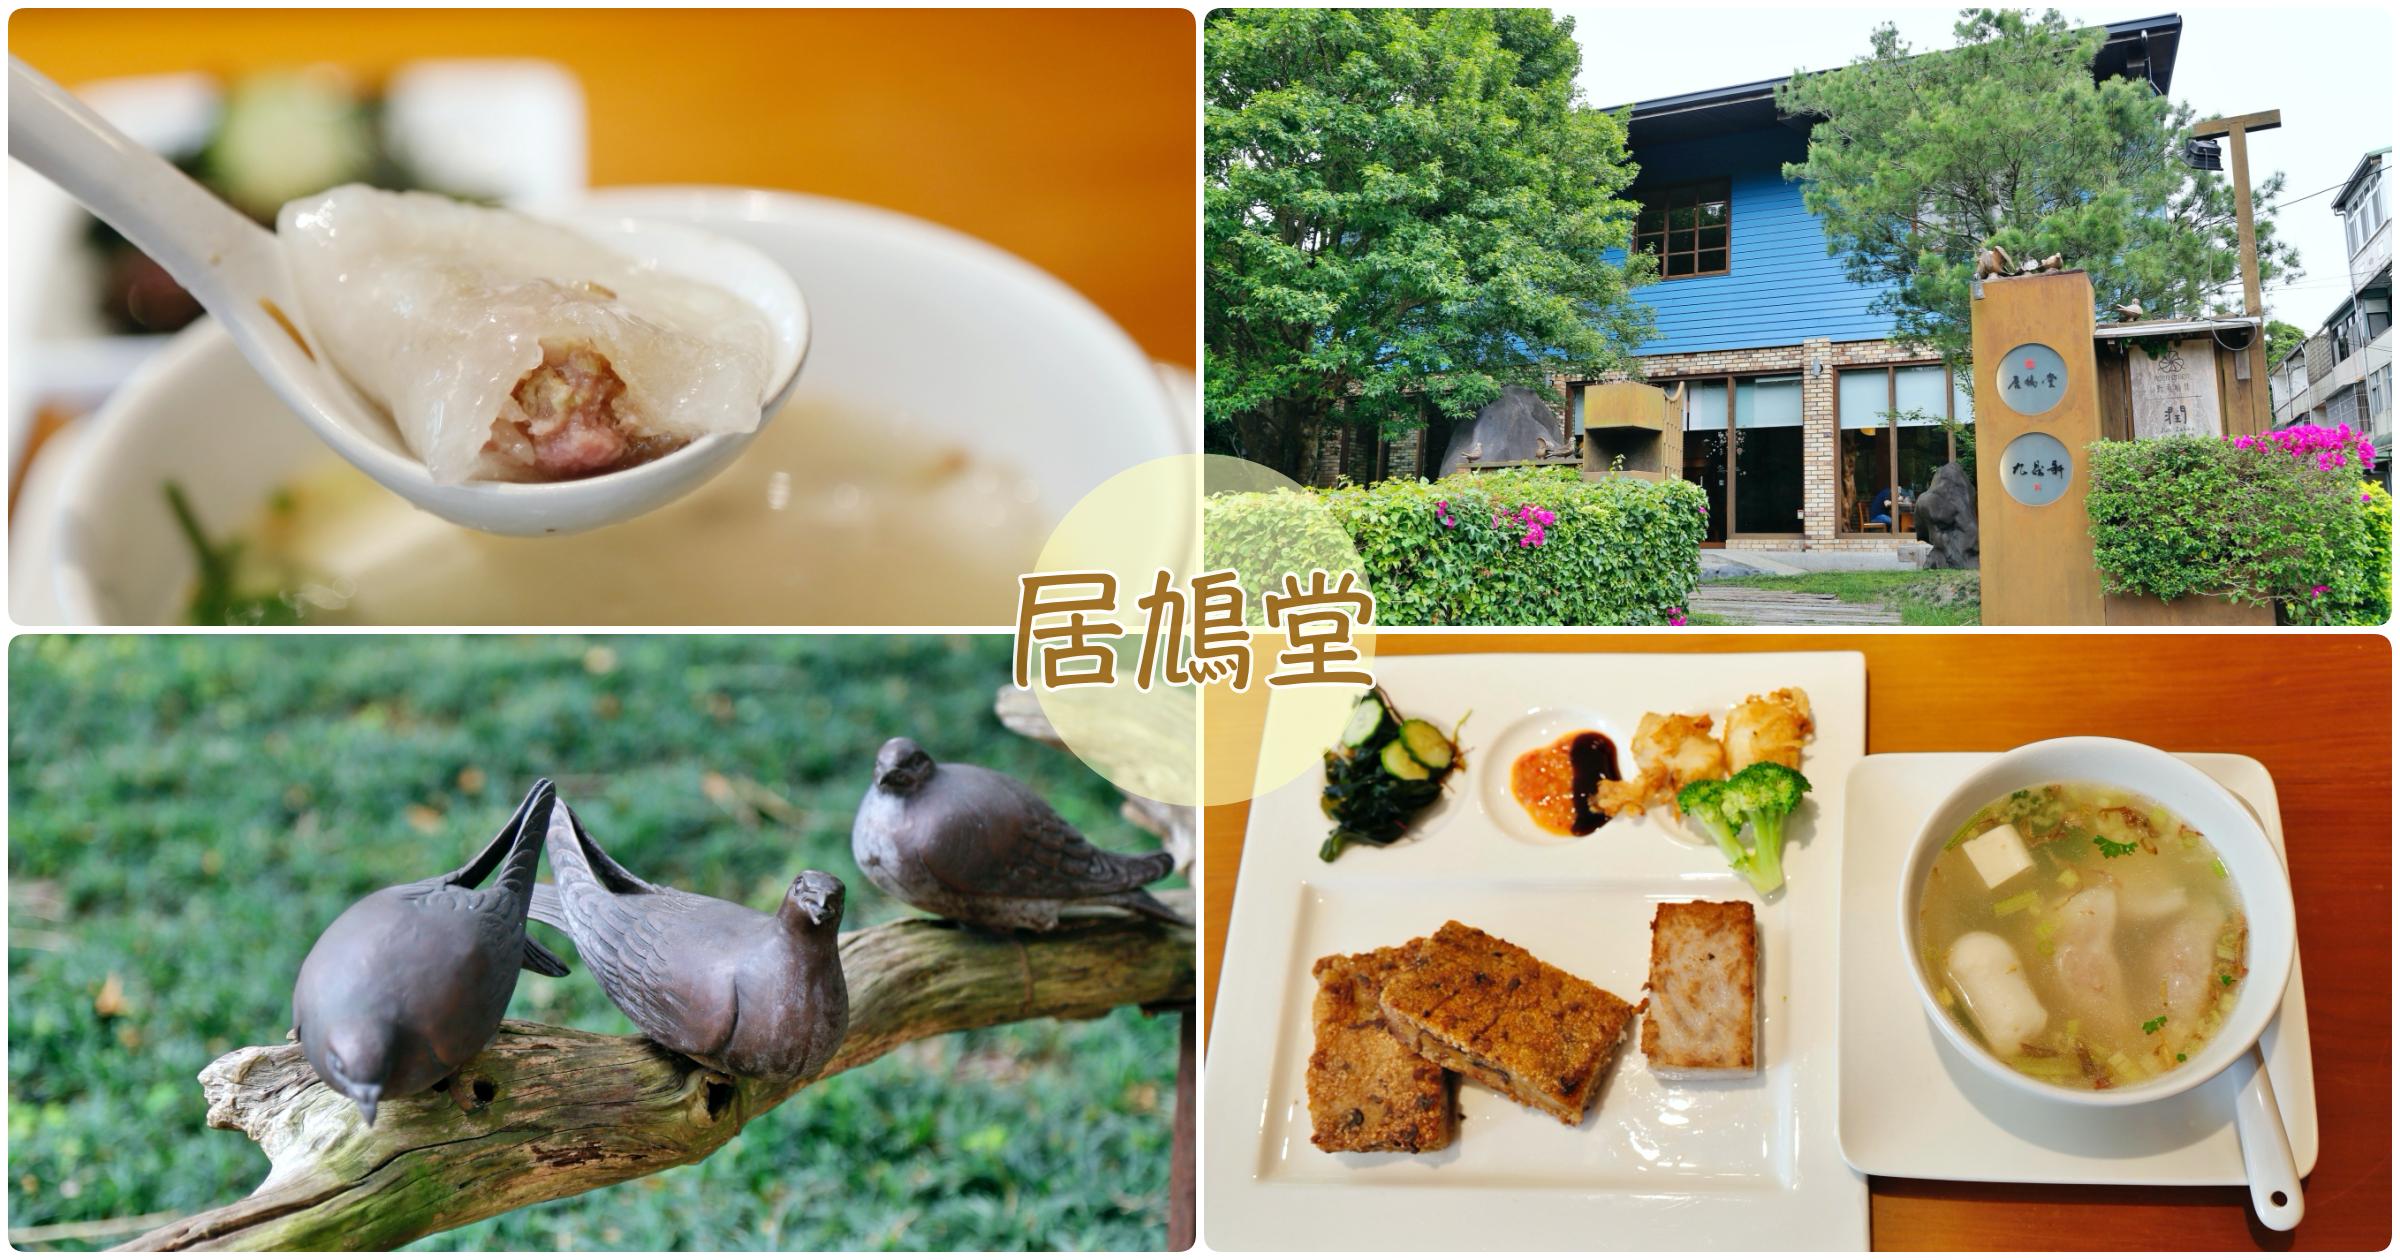 最新推播訊息:[苗栗美食]三義居鳩堂庭園茶屋|精緻的客家米食套餐.筷子可帶回家~庭院悠美並可參觀木雕作品